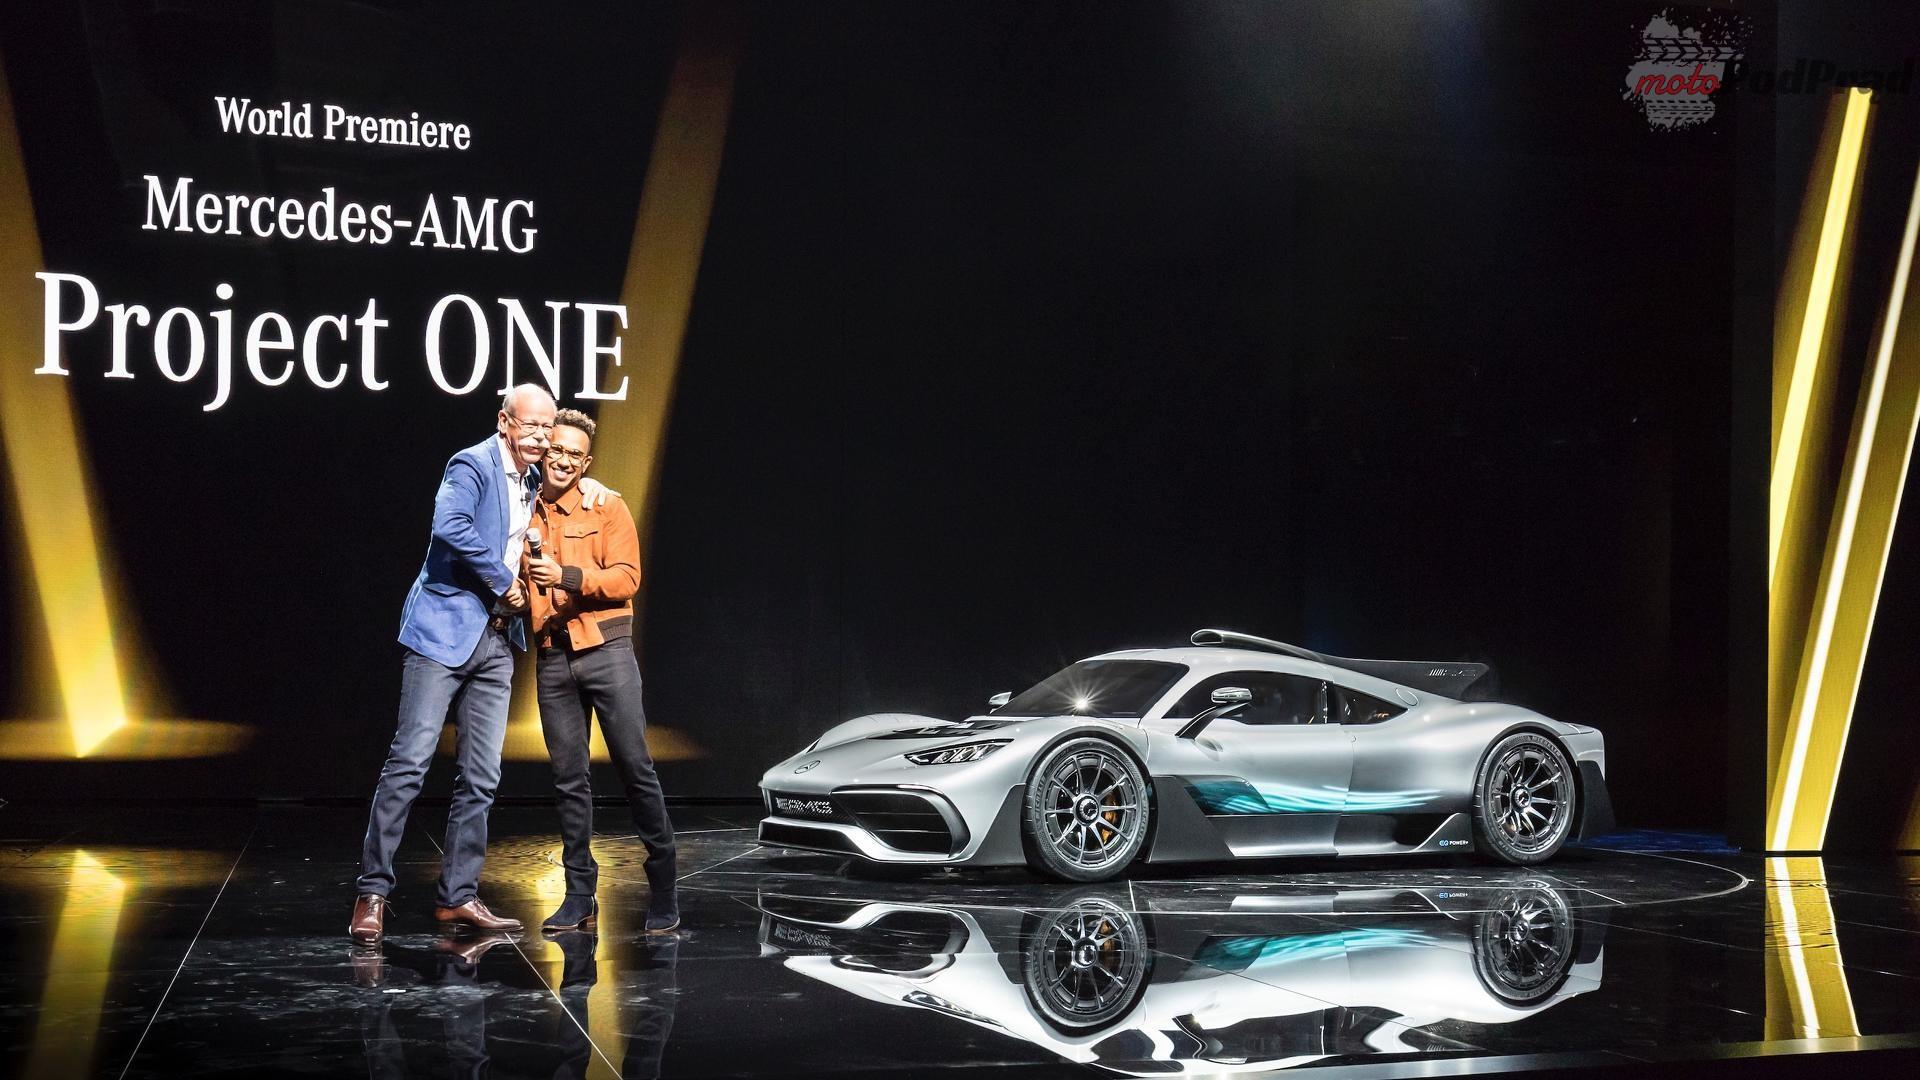 mercedes amg project one frankfurt 2017 Mercedes AMG Project One przesuwa granice wyobraźni